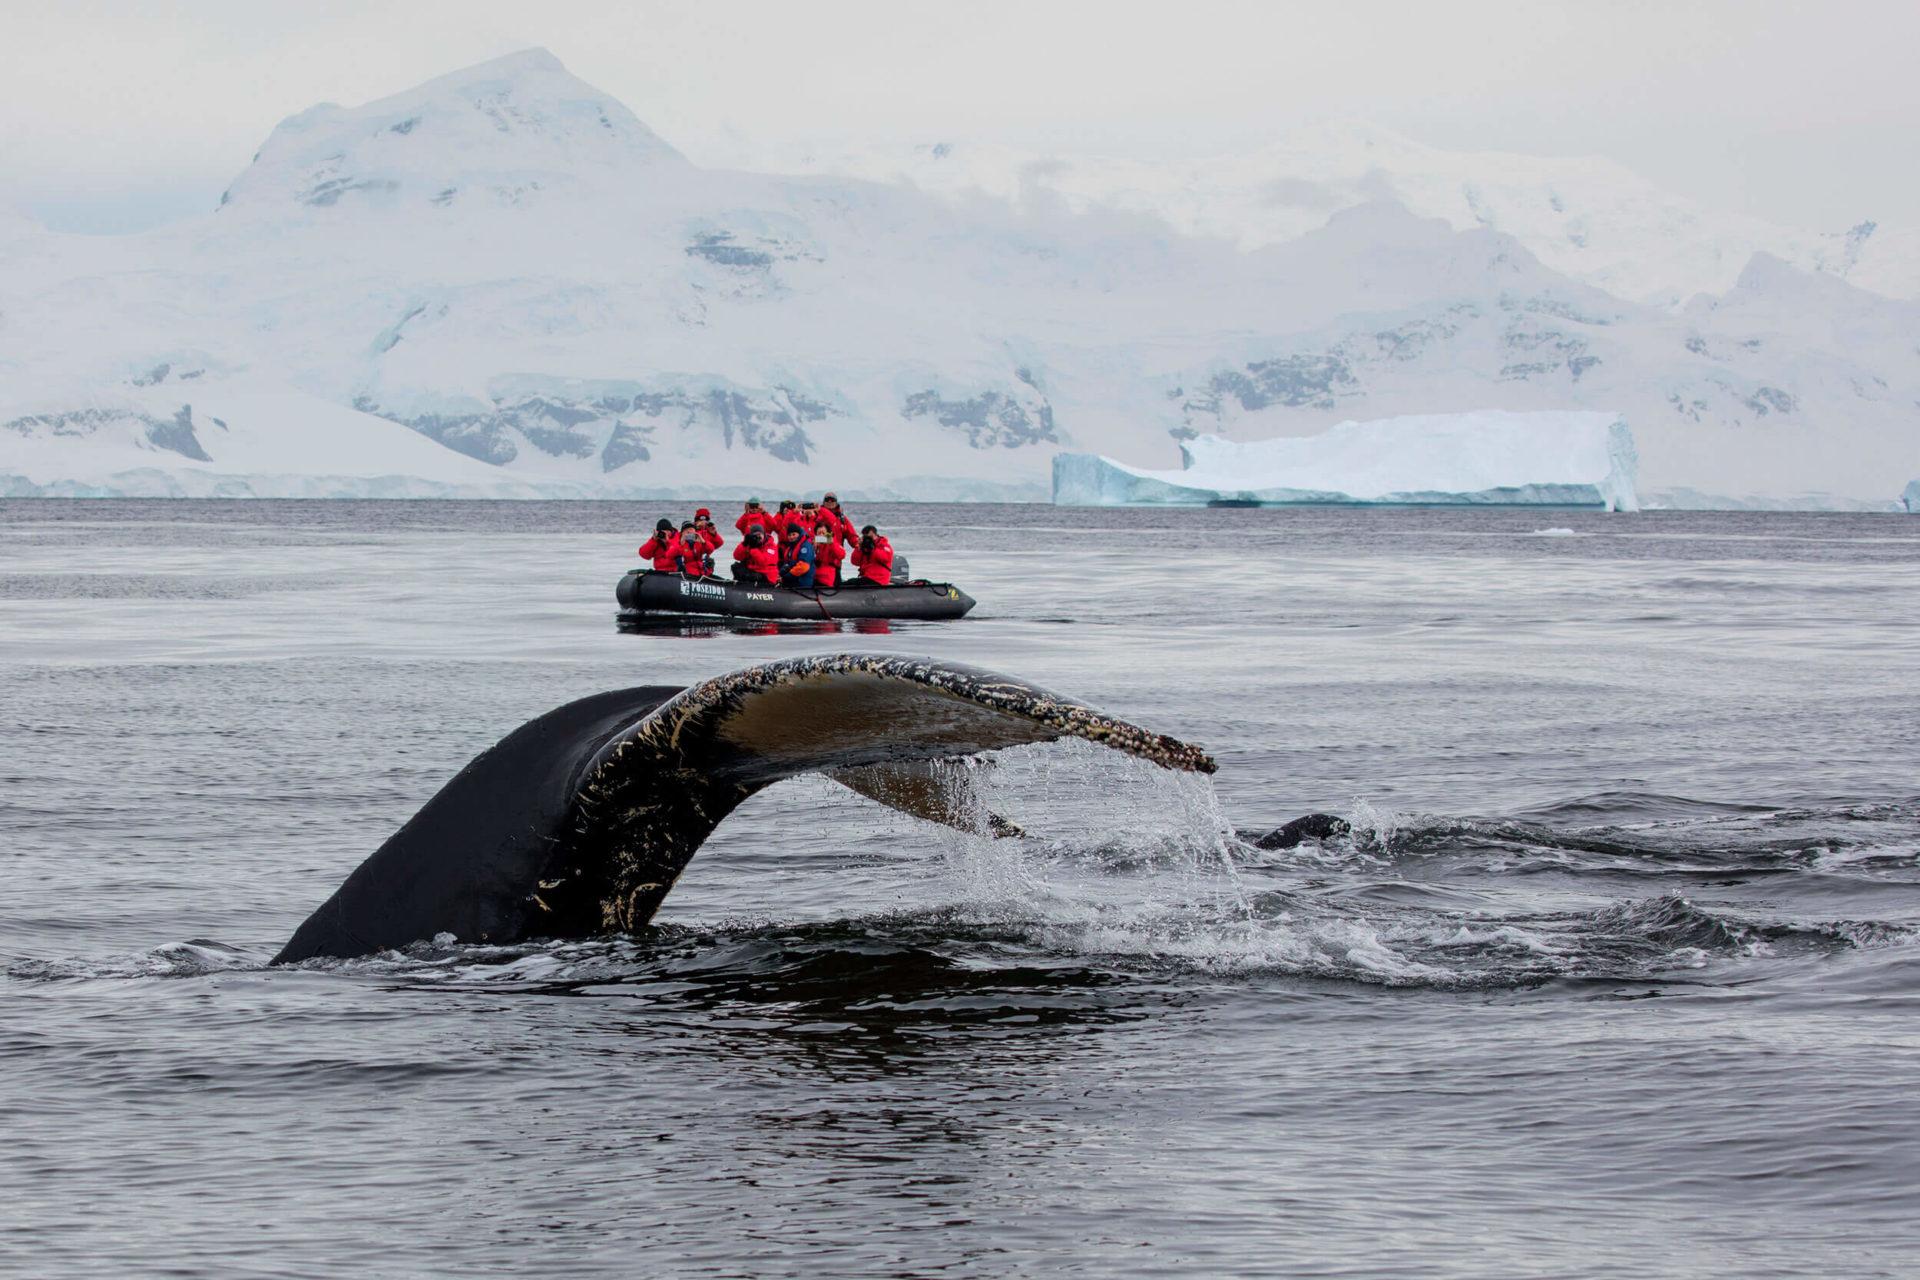 Walbeobachtung mit dem Zodiac in der Antarktis